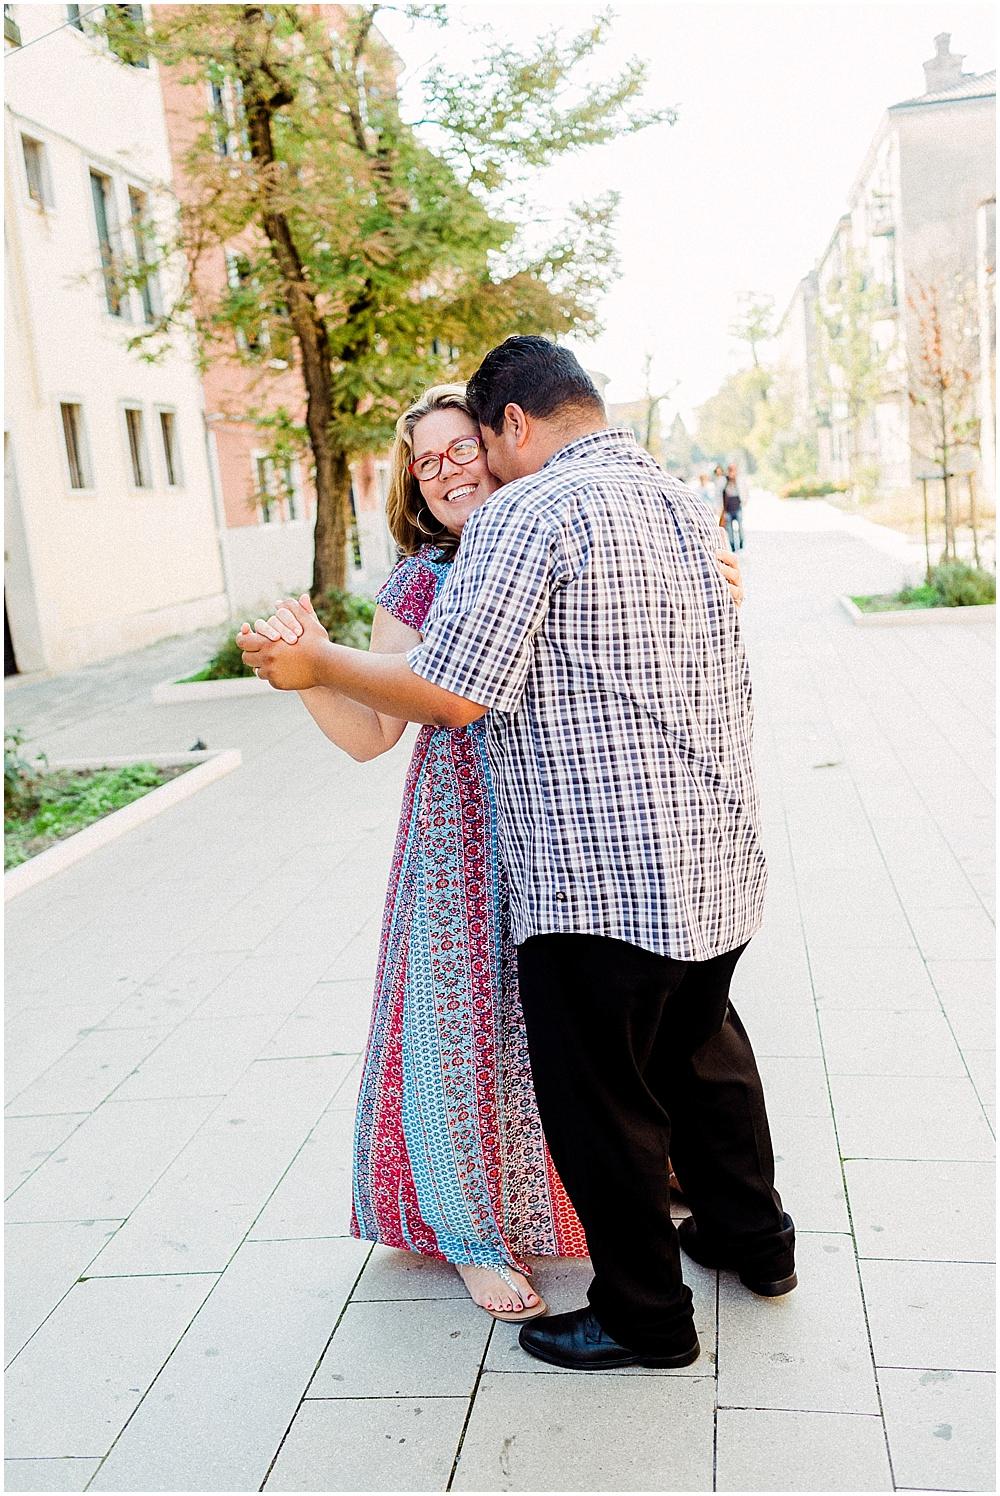 Venice-italy-wedding-photographer-stefano-degirmenci_0112.jpg